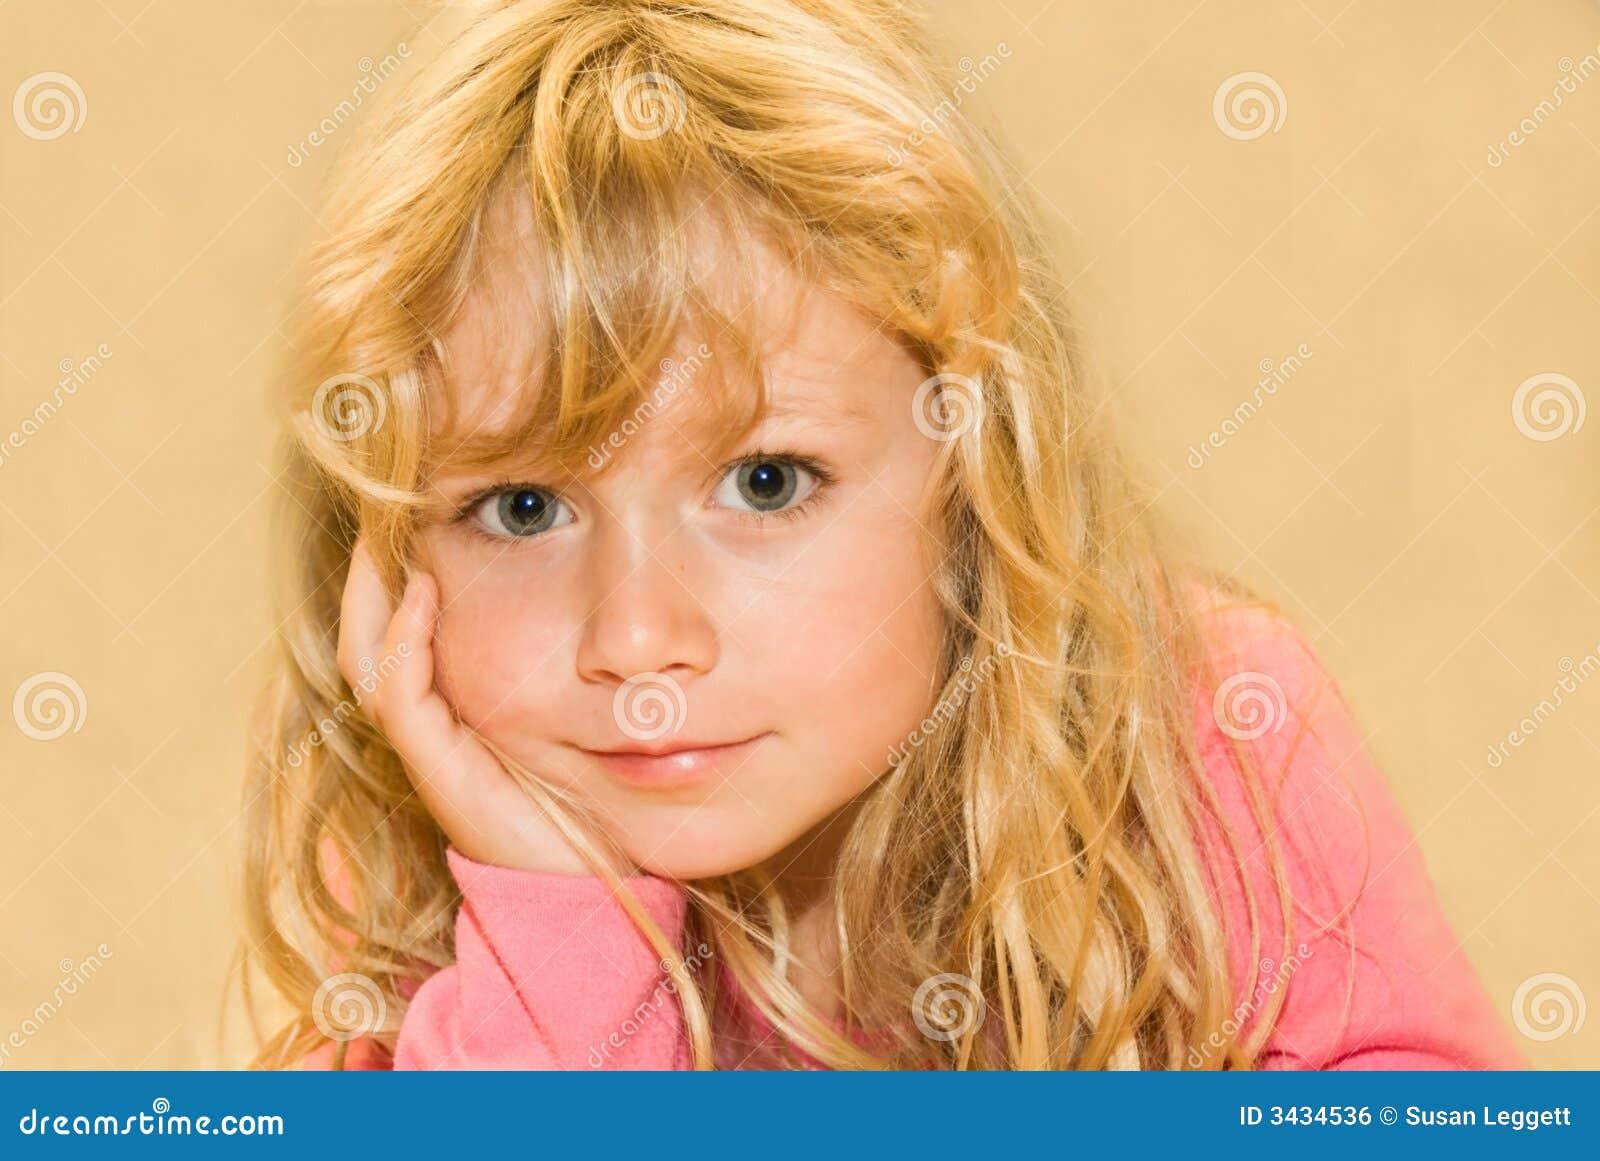 πιό μελαχροινό κορίτσι που θέτει τους τόνους